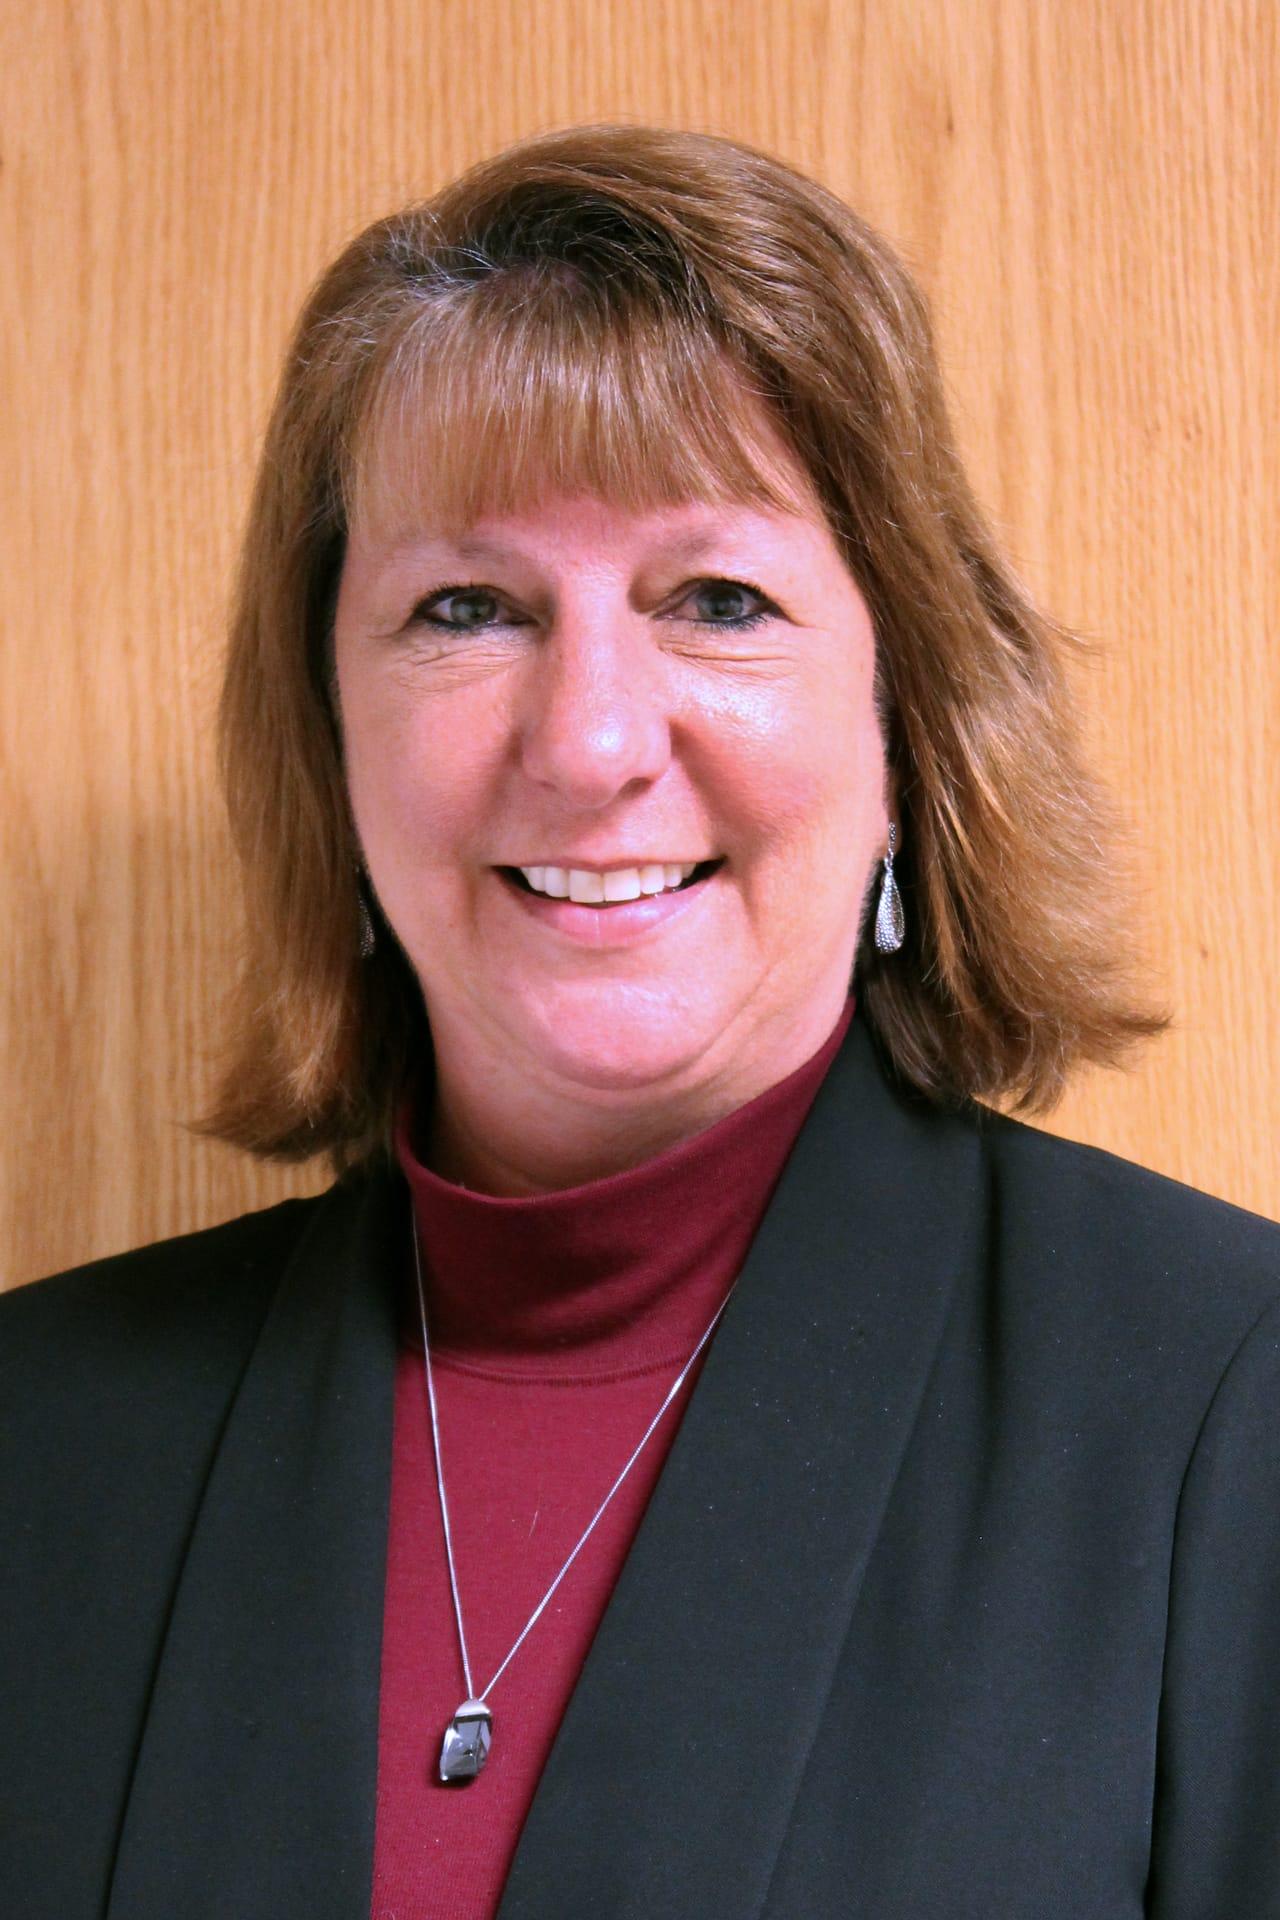 Sandy Darnell